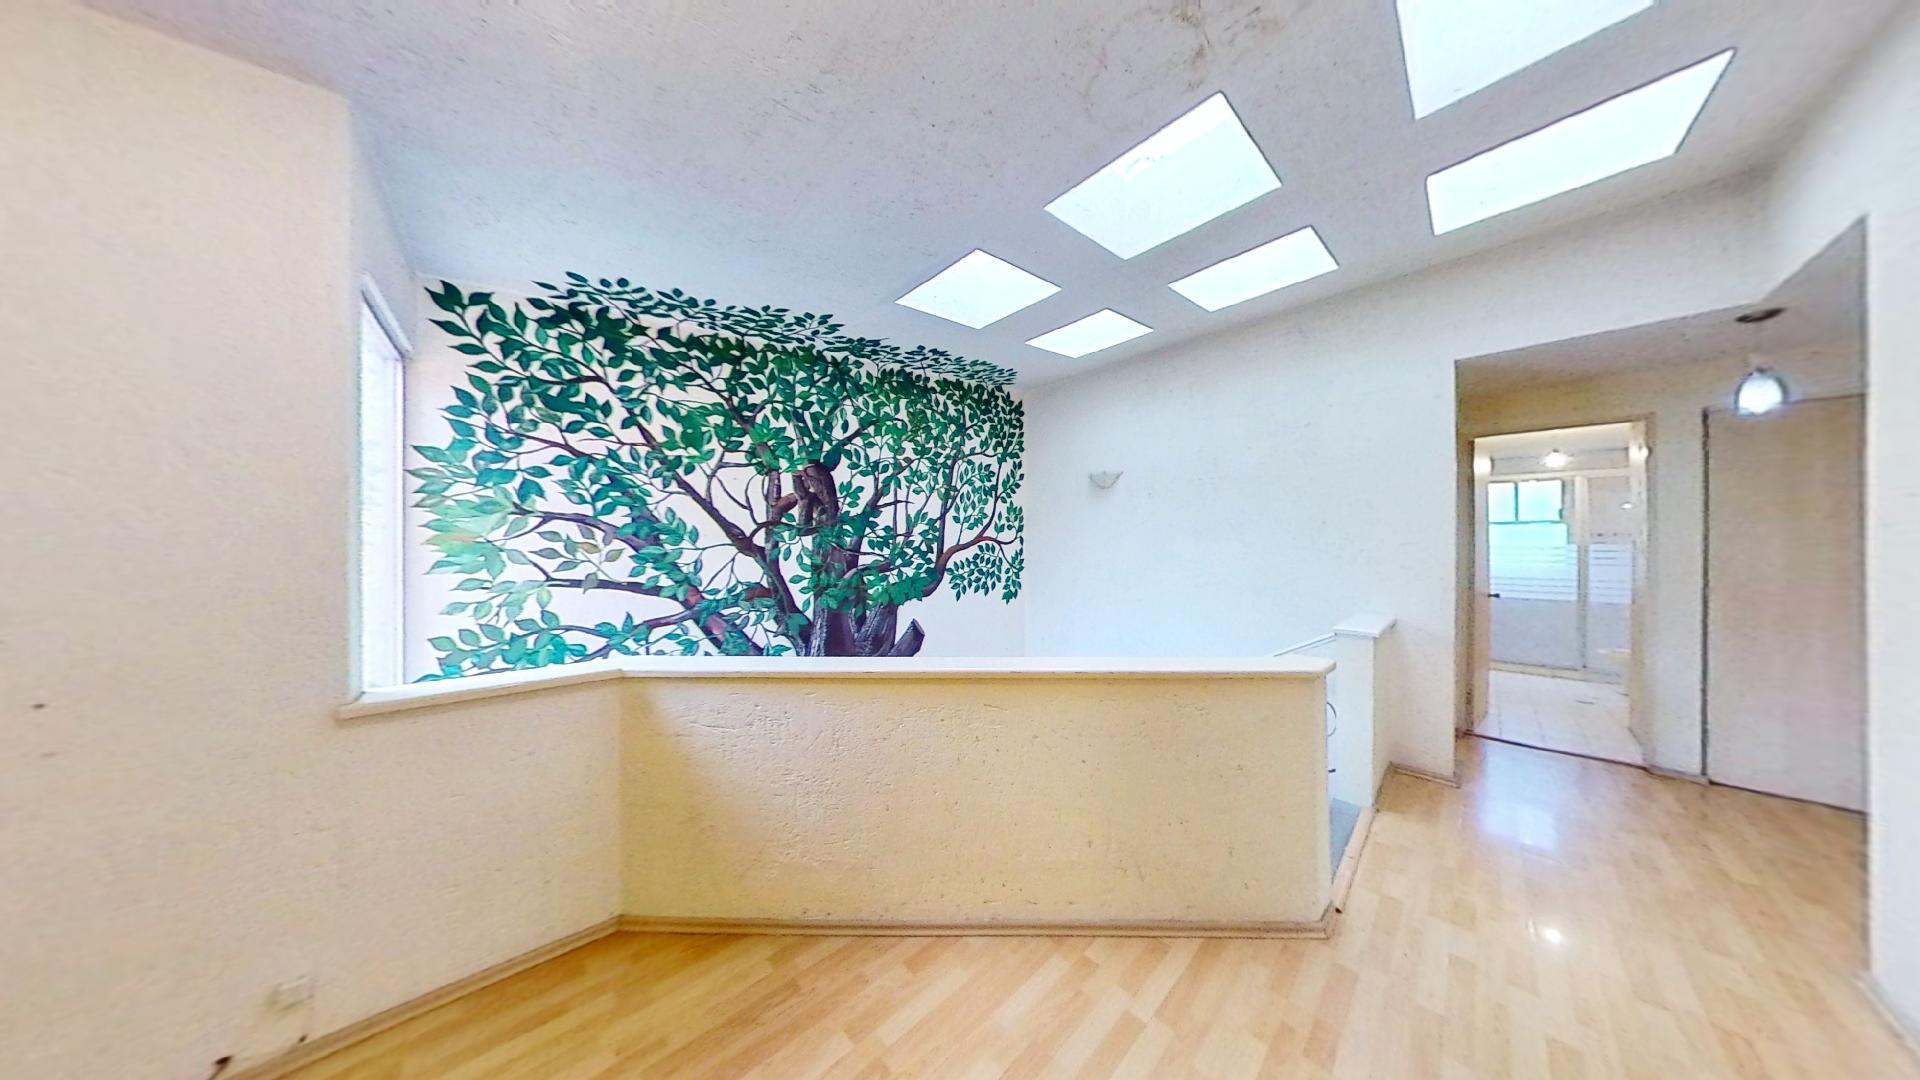 Casa en venta de 3 recámaras en Condominio Los Fresnos, Naucalpan de Juárez, entre Lomas Verdes y Jardines de San Mateo, EDOMEX. Estudio